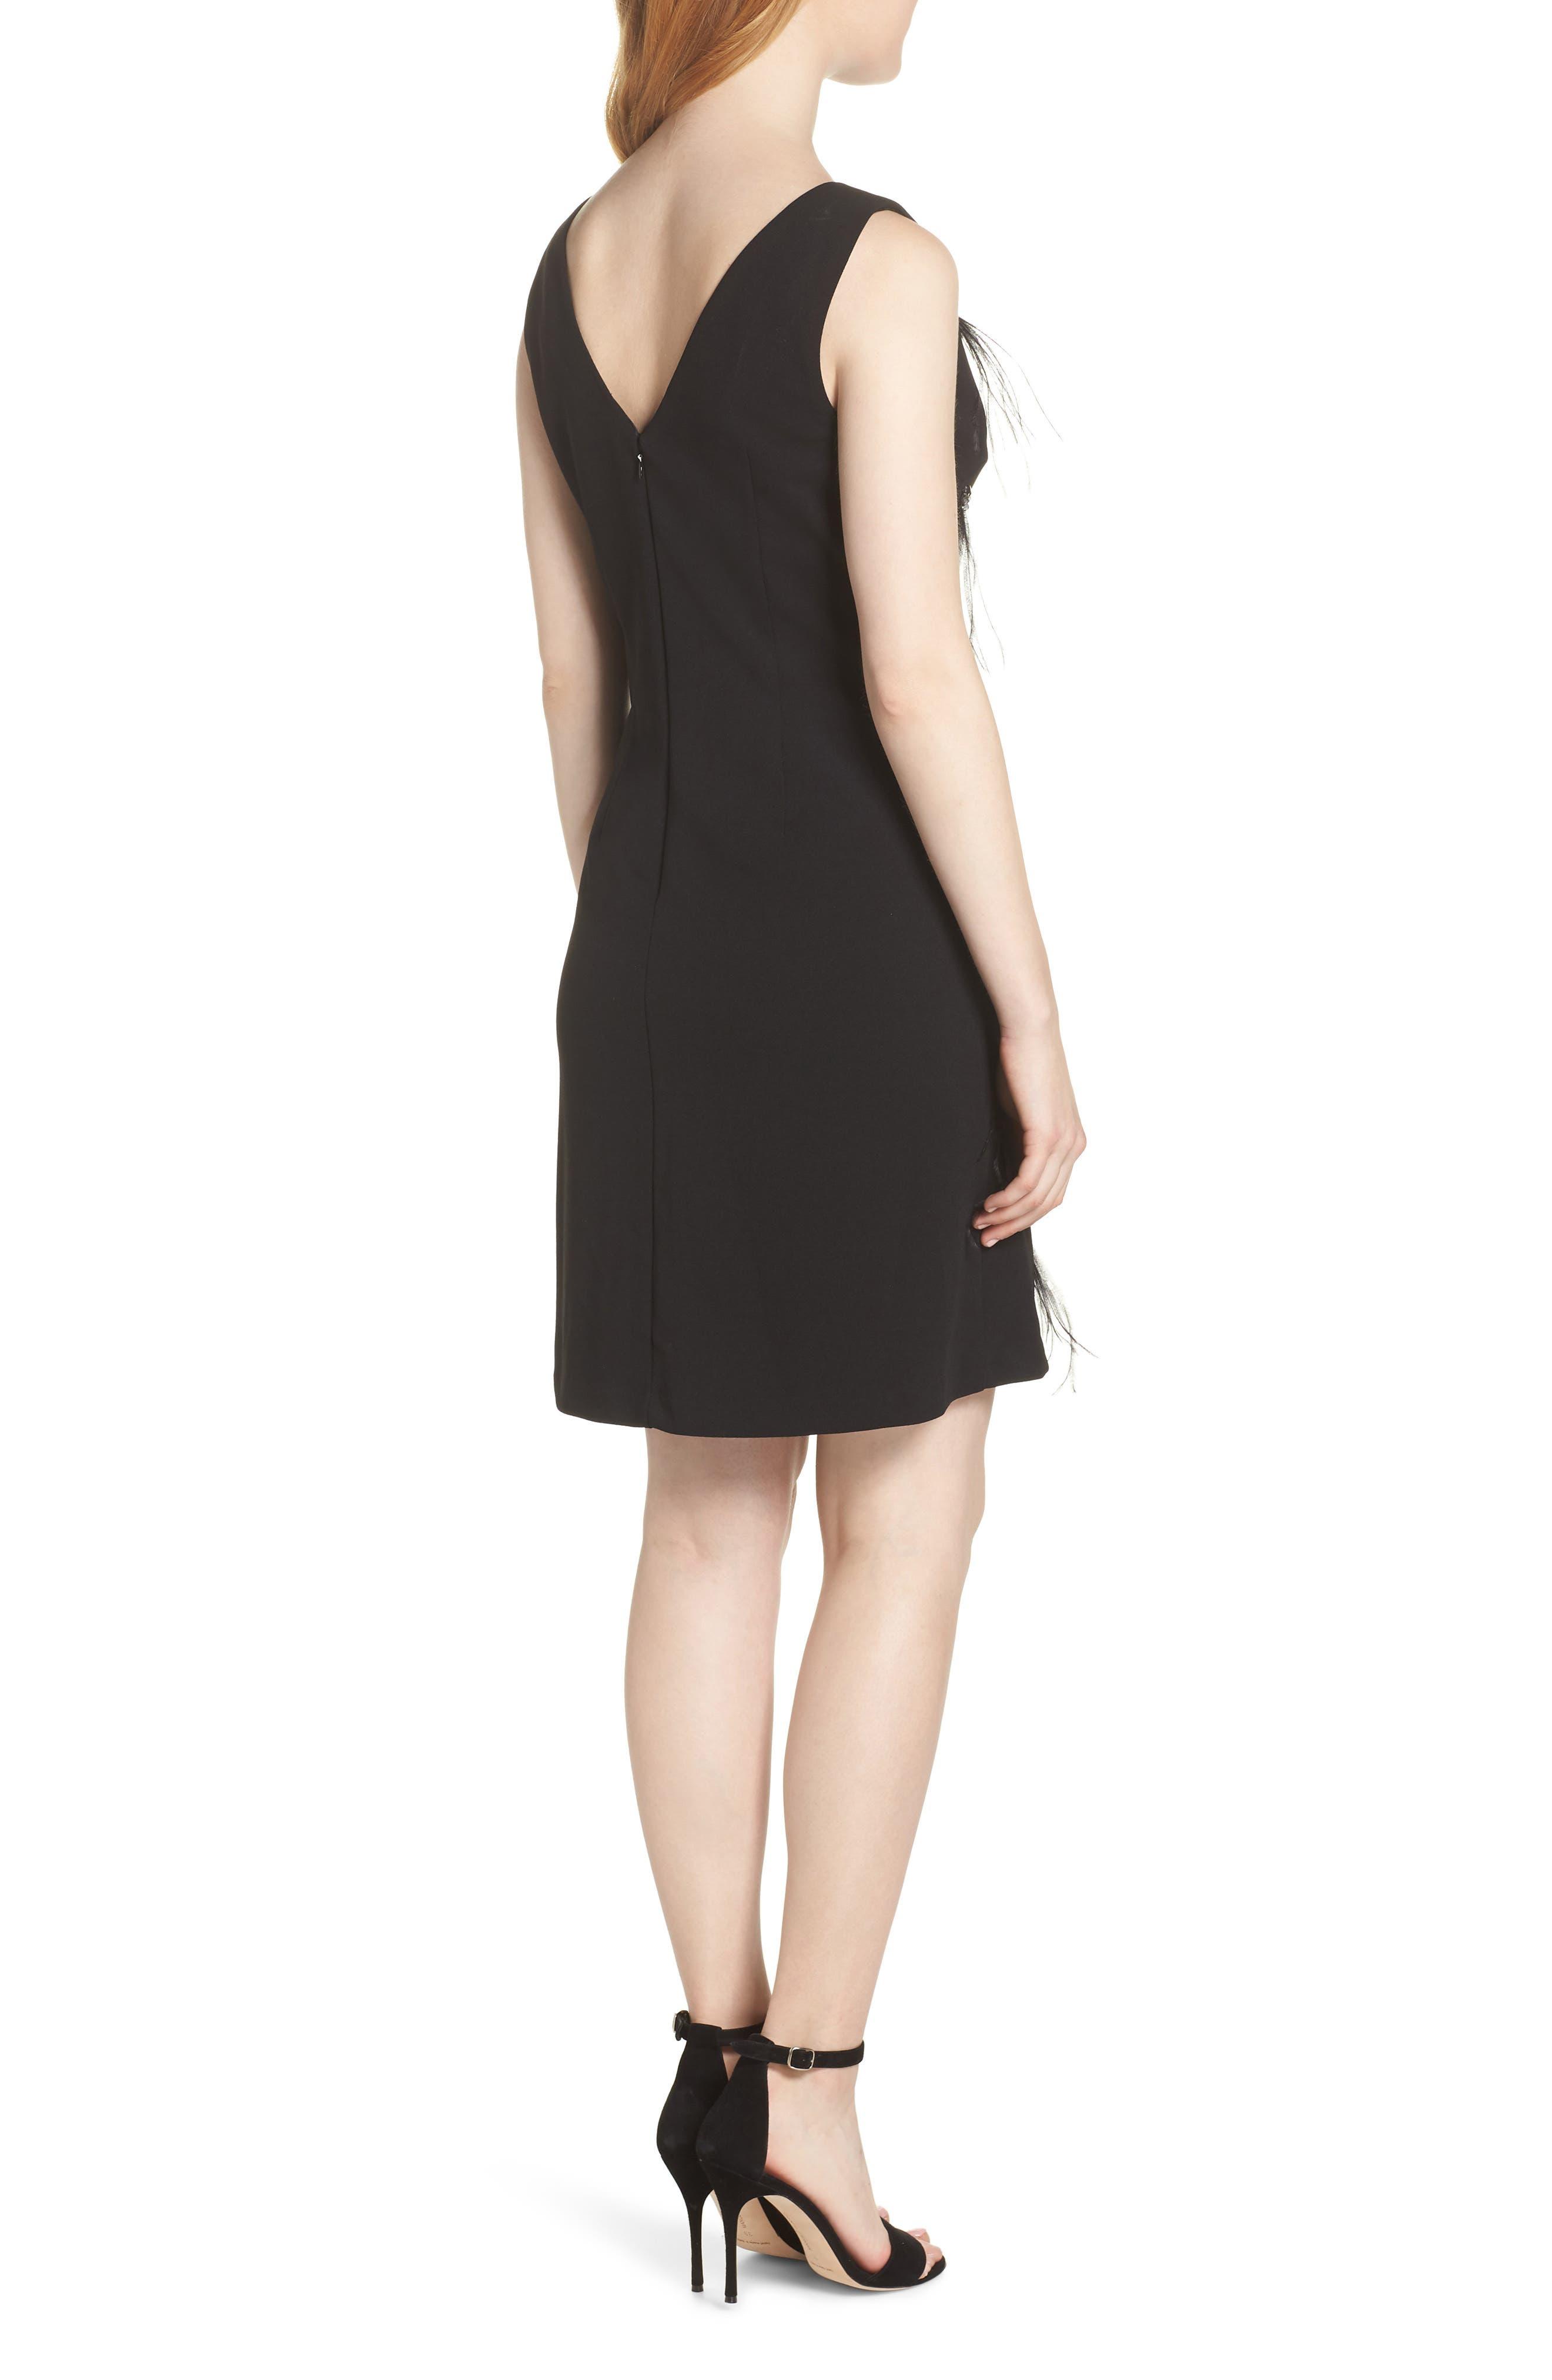 HARPER ROSE,                             Embellished Sheath Dress,                             Alternate thumbnail 2, color,                             BLACK